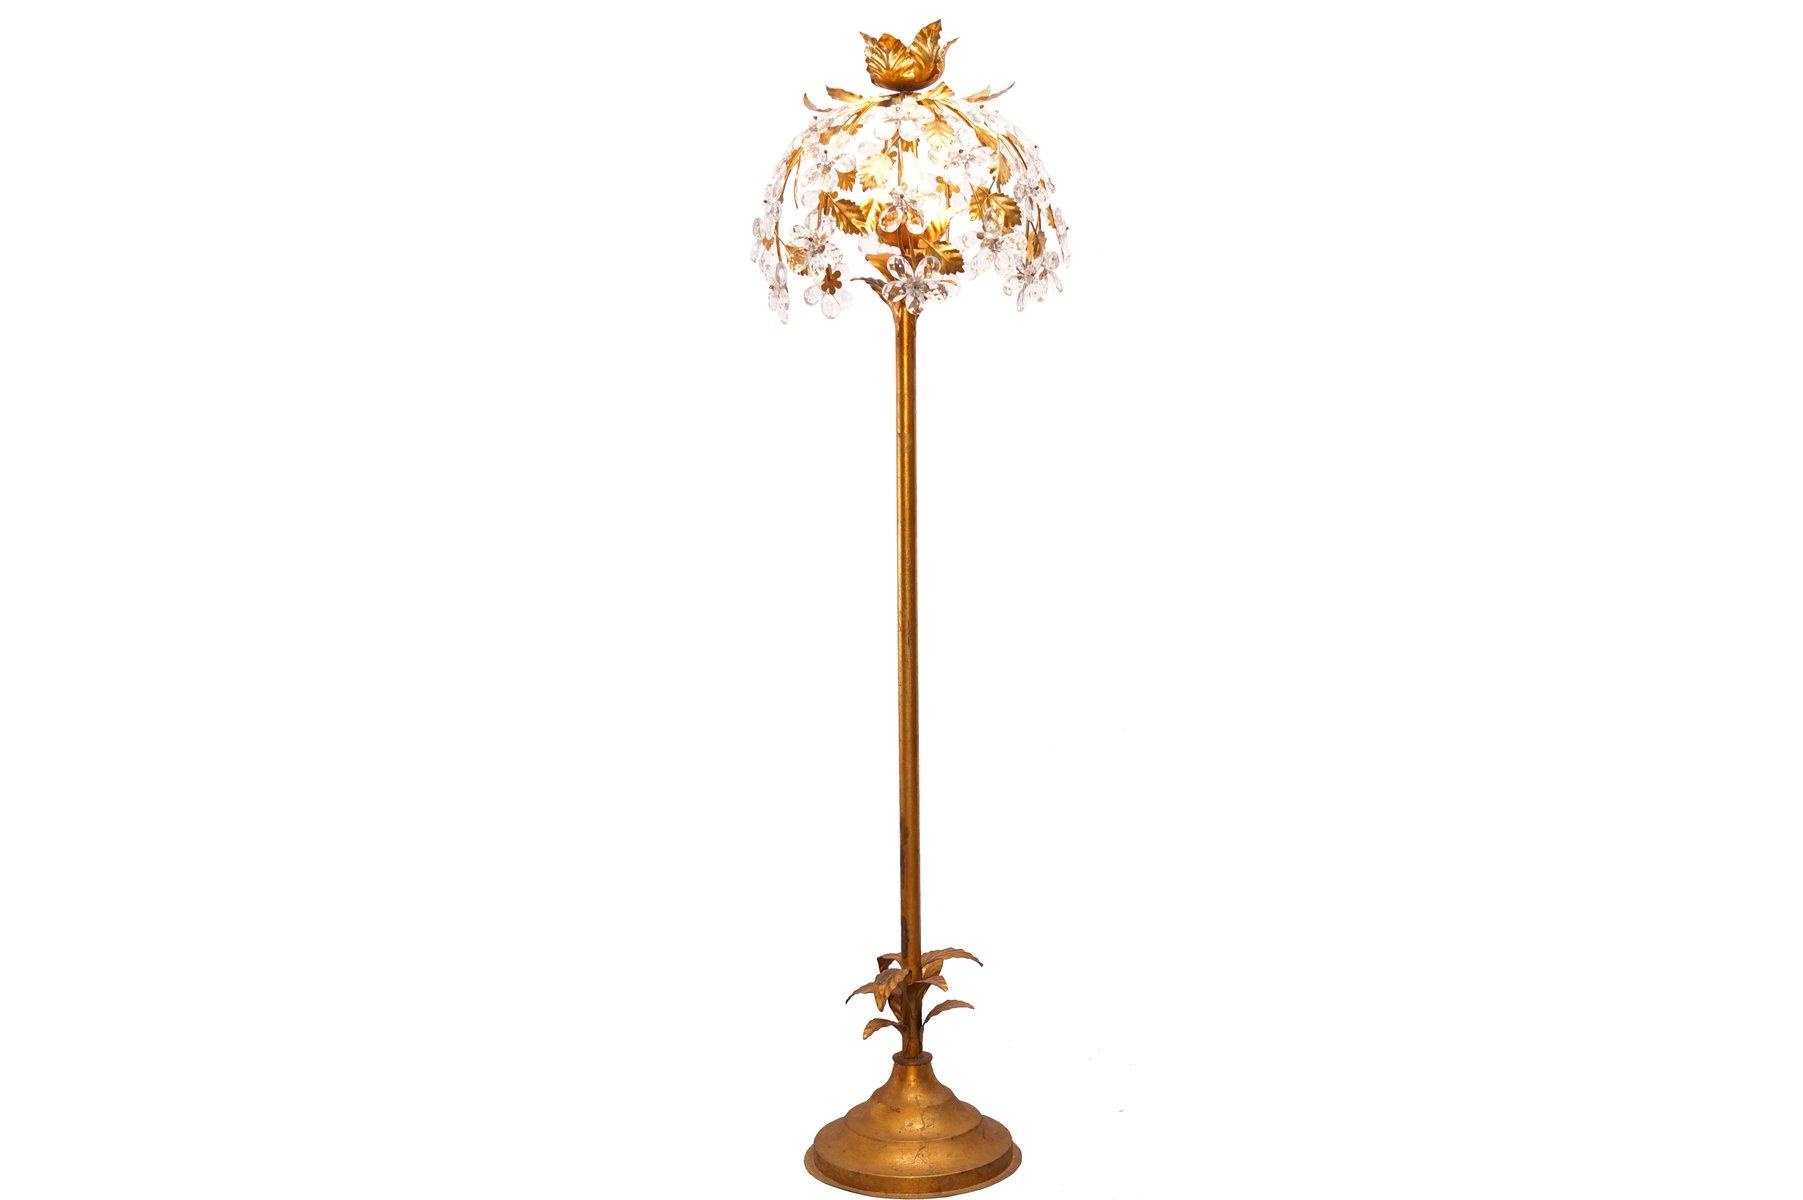 Vintage hollywood regency gilt floor lamp for sale at pamono for Retro hollywood floor lamp